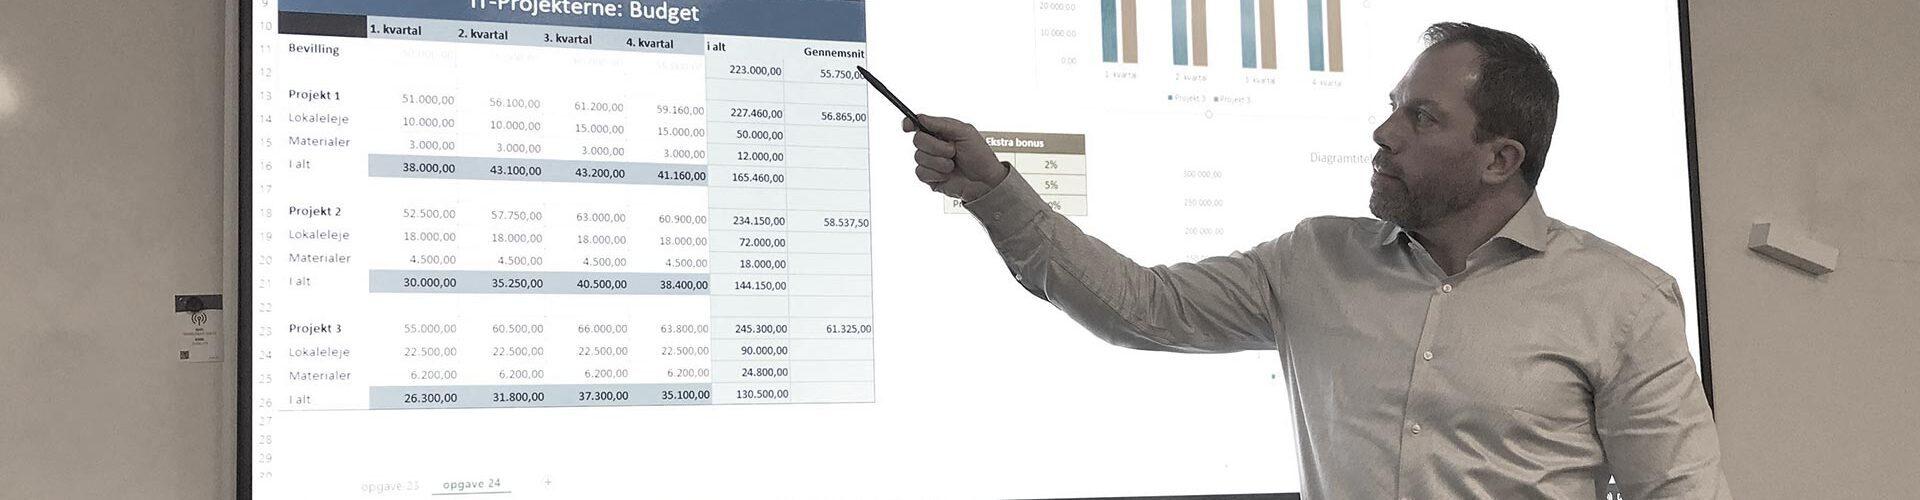 Excel - Online undervisning